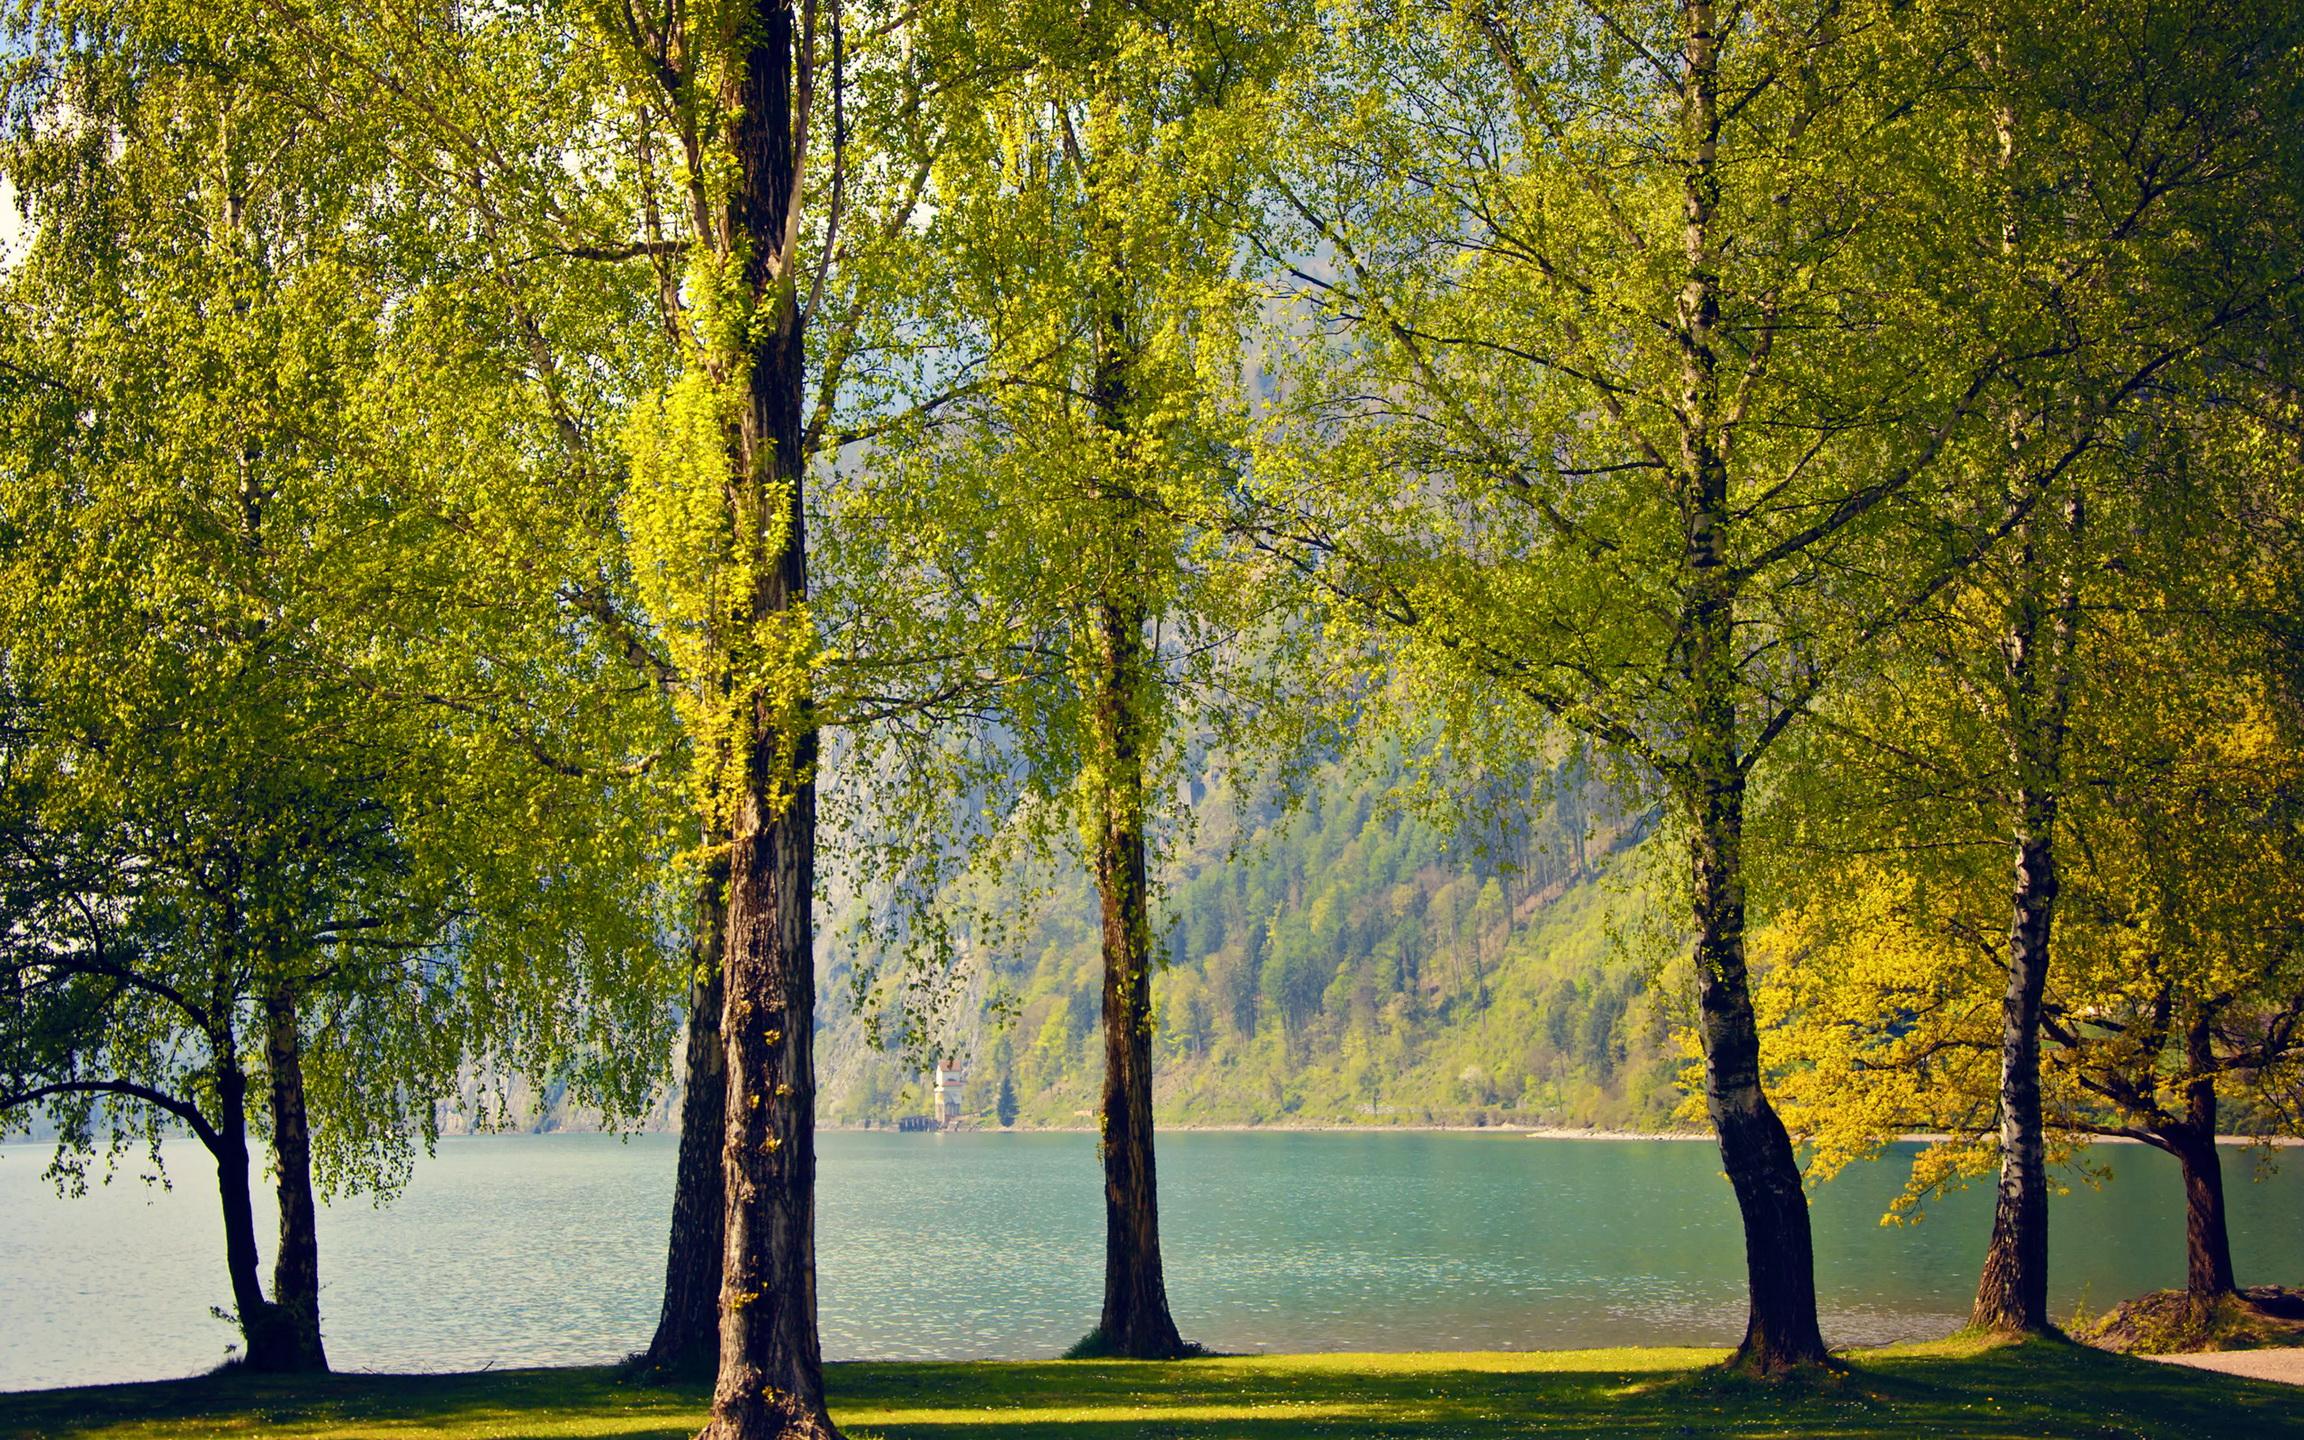 природа береза деревья вода озеро лес  № 2791967  скачать